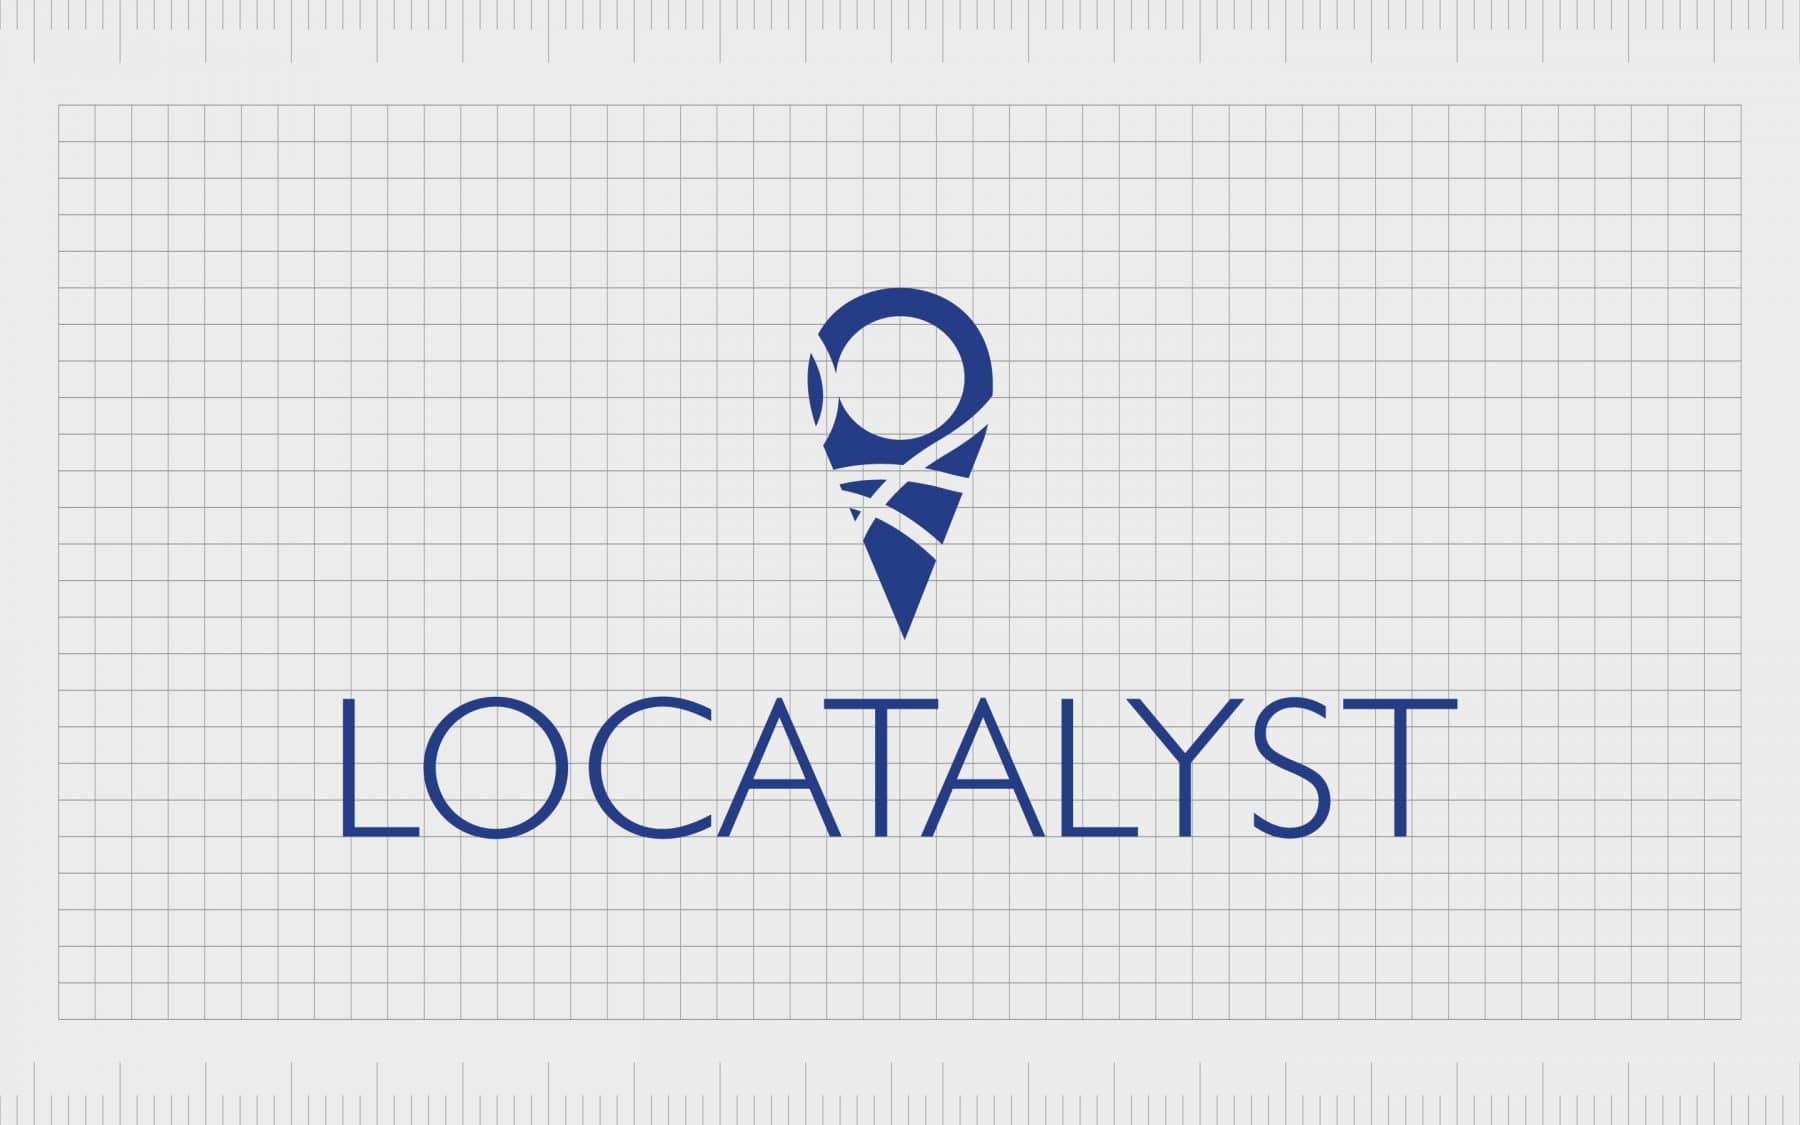 Locatalyst